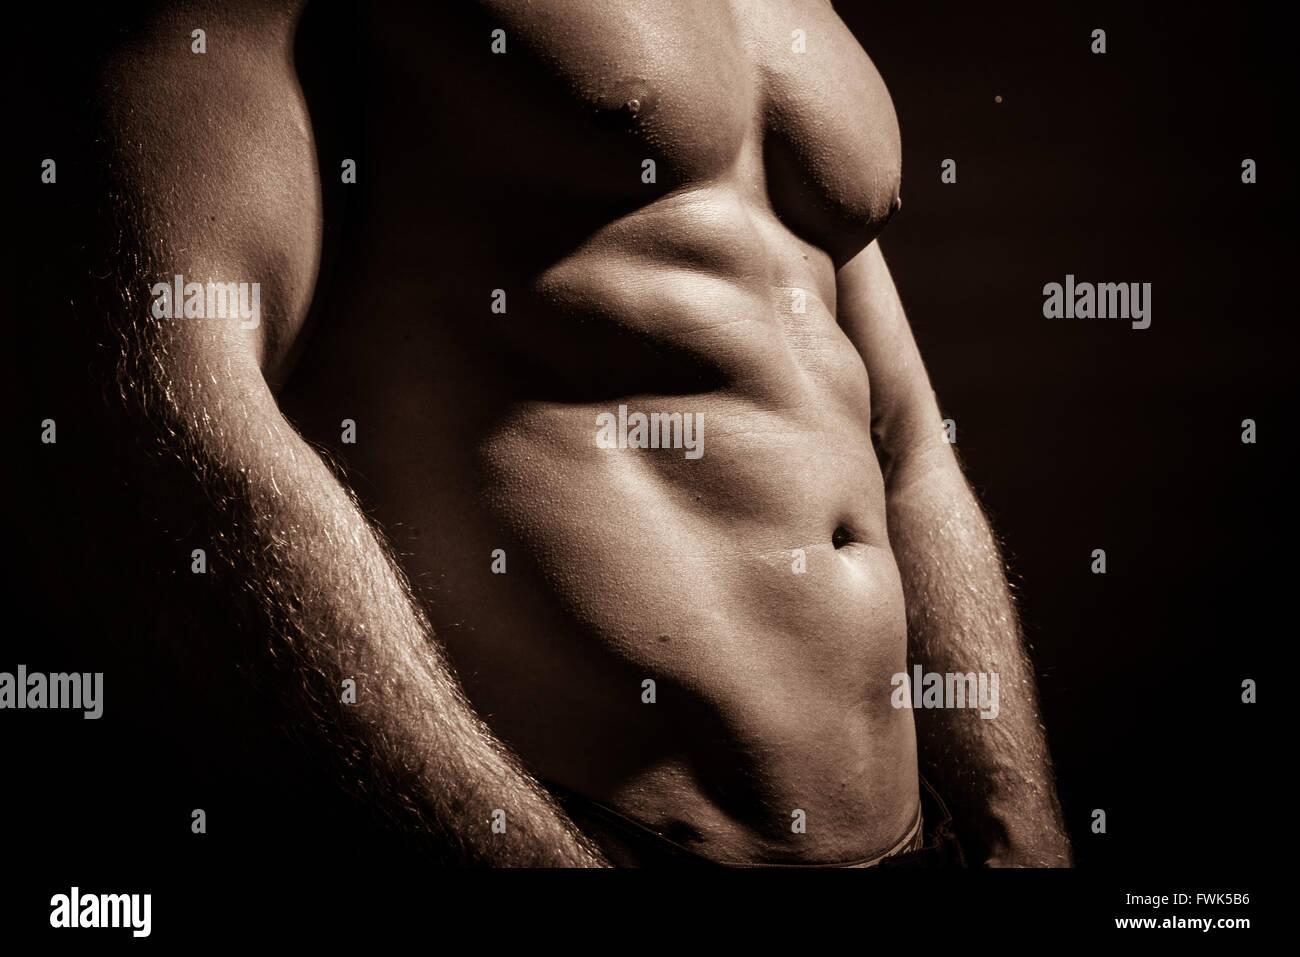 Sezione mediana del muscolare Shirtless Man Standing su sfondo nero Immagini Stock